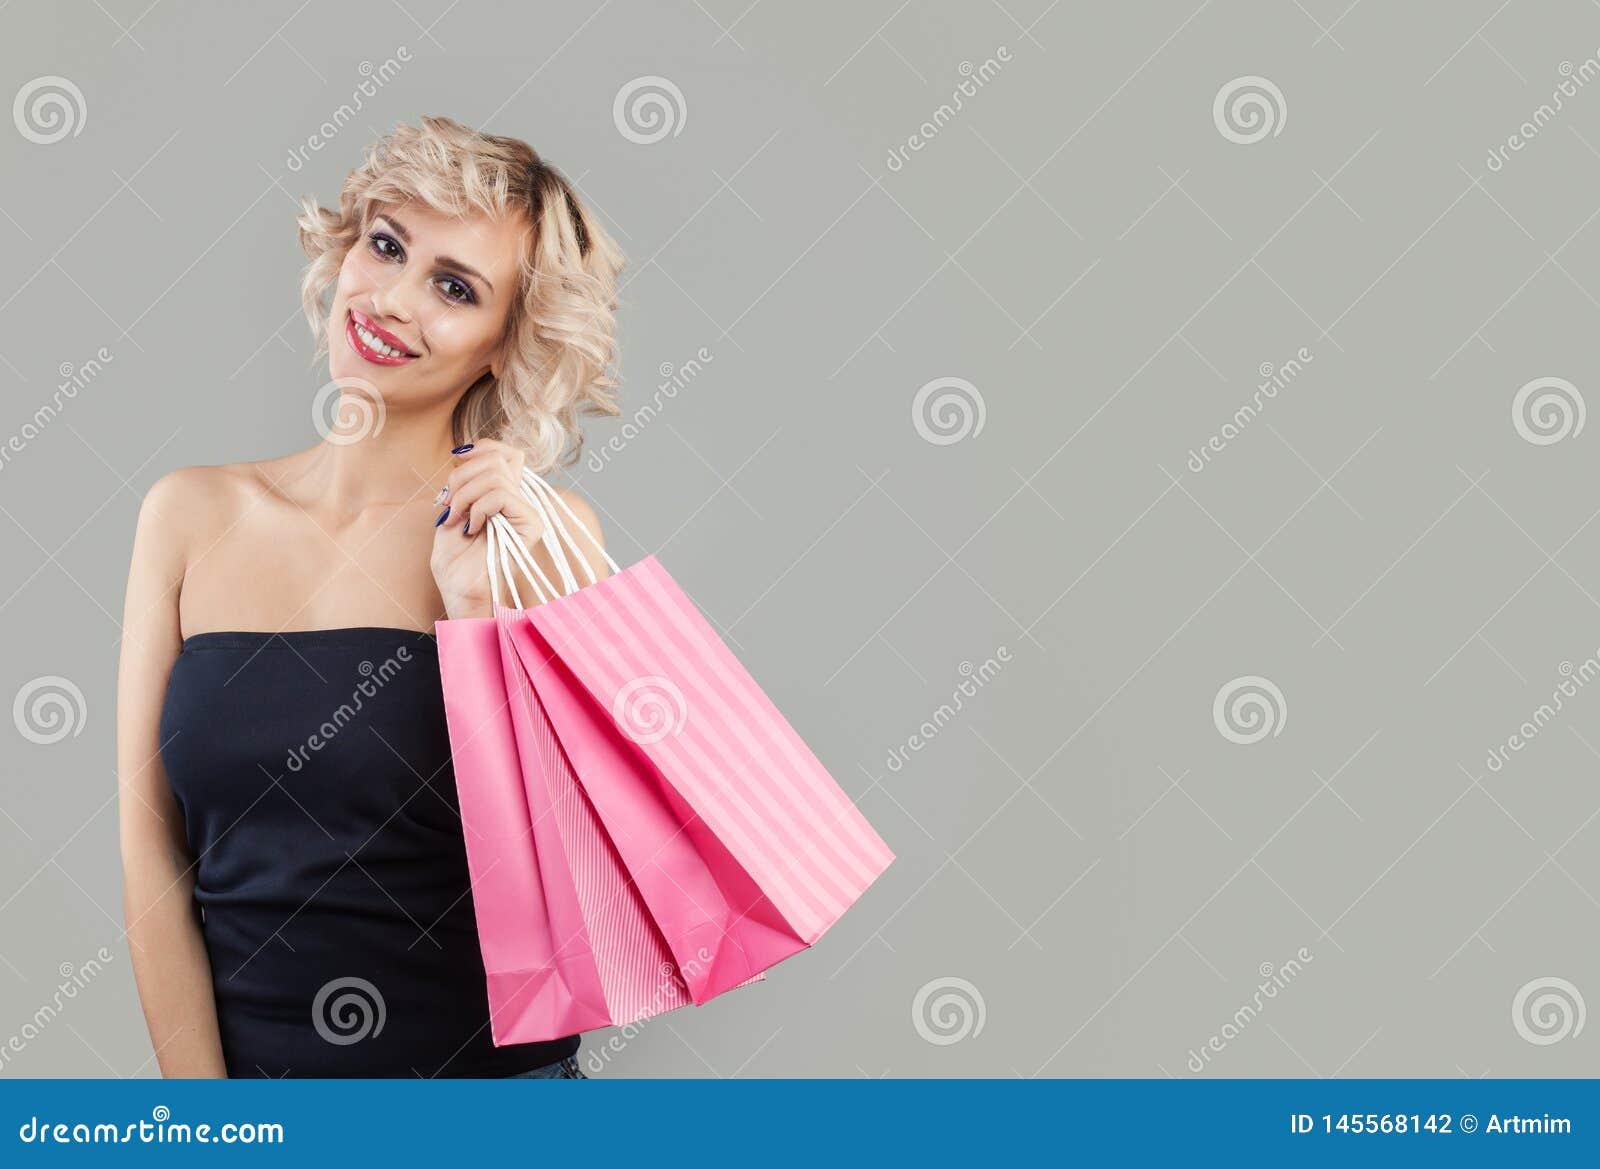 Mulher alegre com sacos de compras, retrato Modelo bonito com composição e corte de cabelo curto